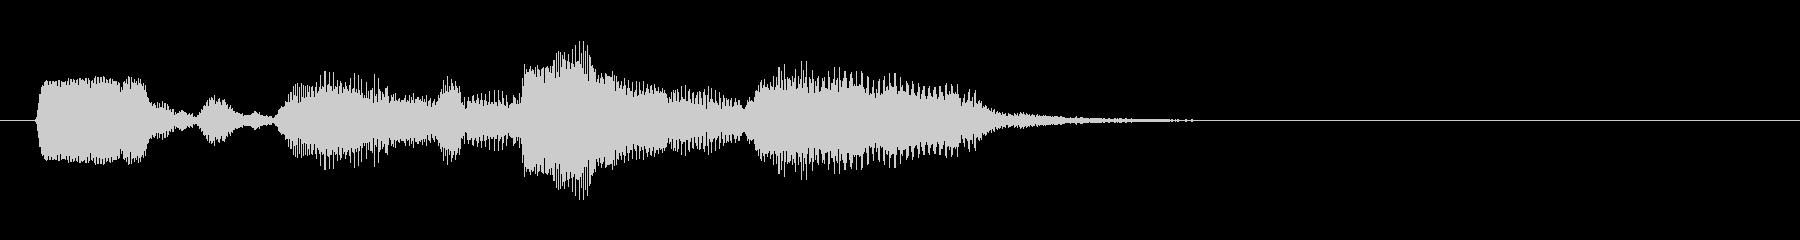 生演奏ゲーム用リコーダーの未再生の波形